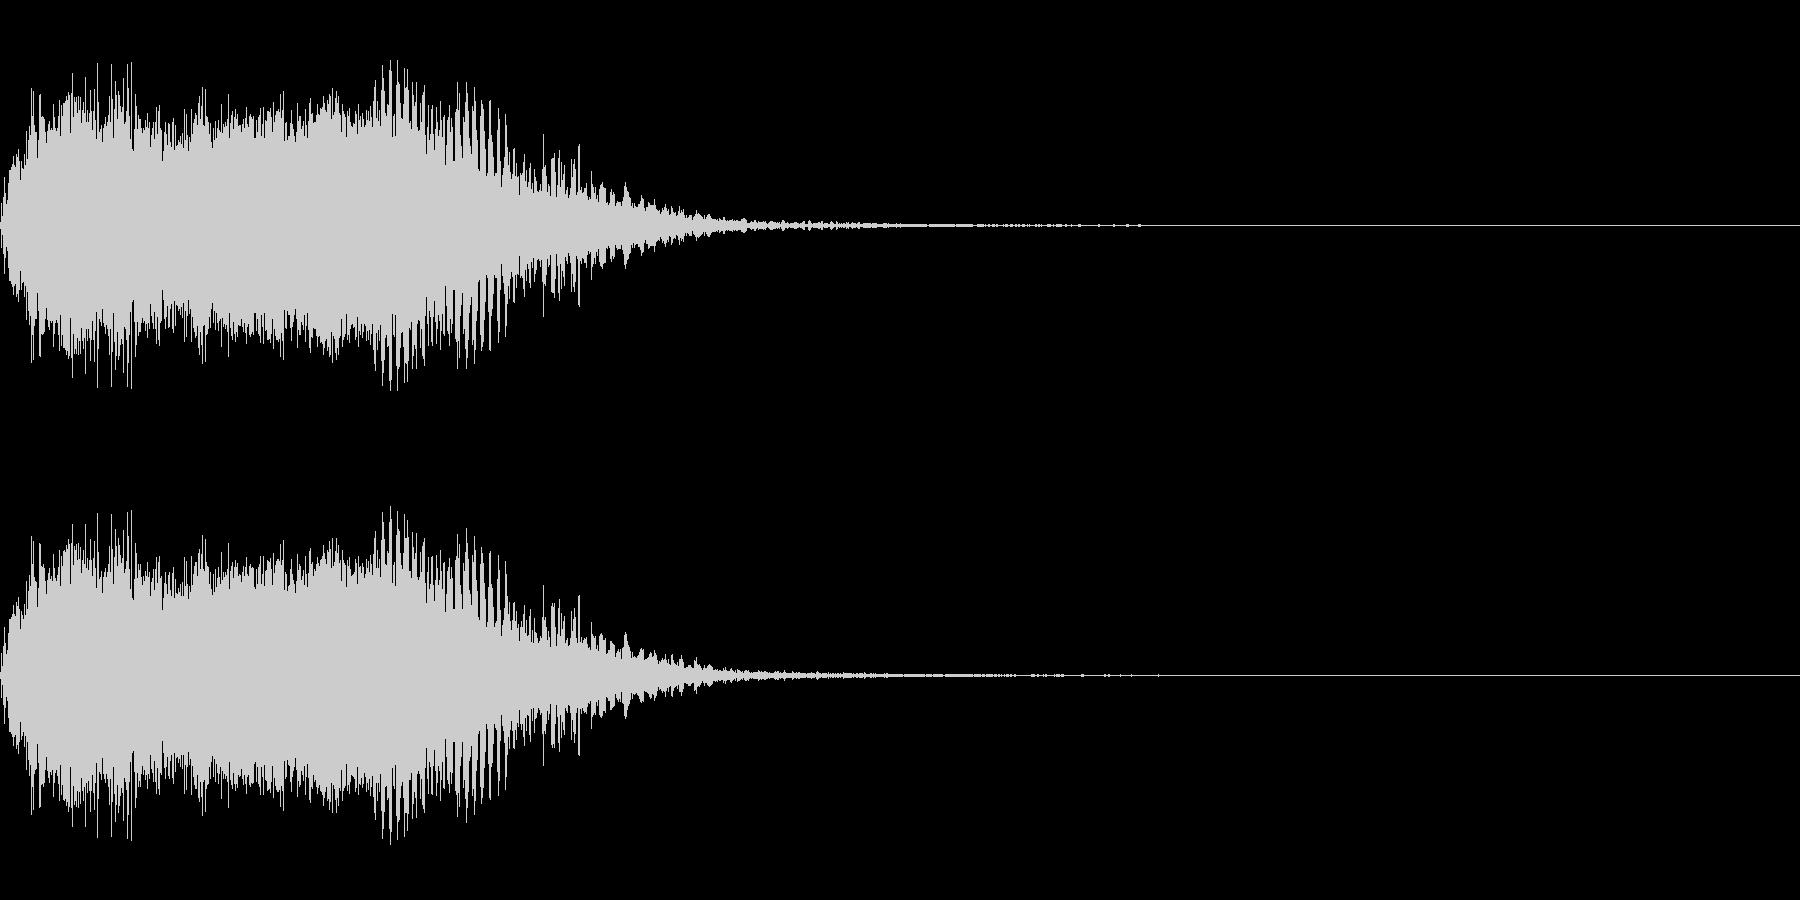 スパーク音-06の未再生の波形